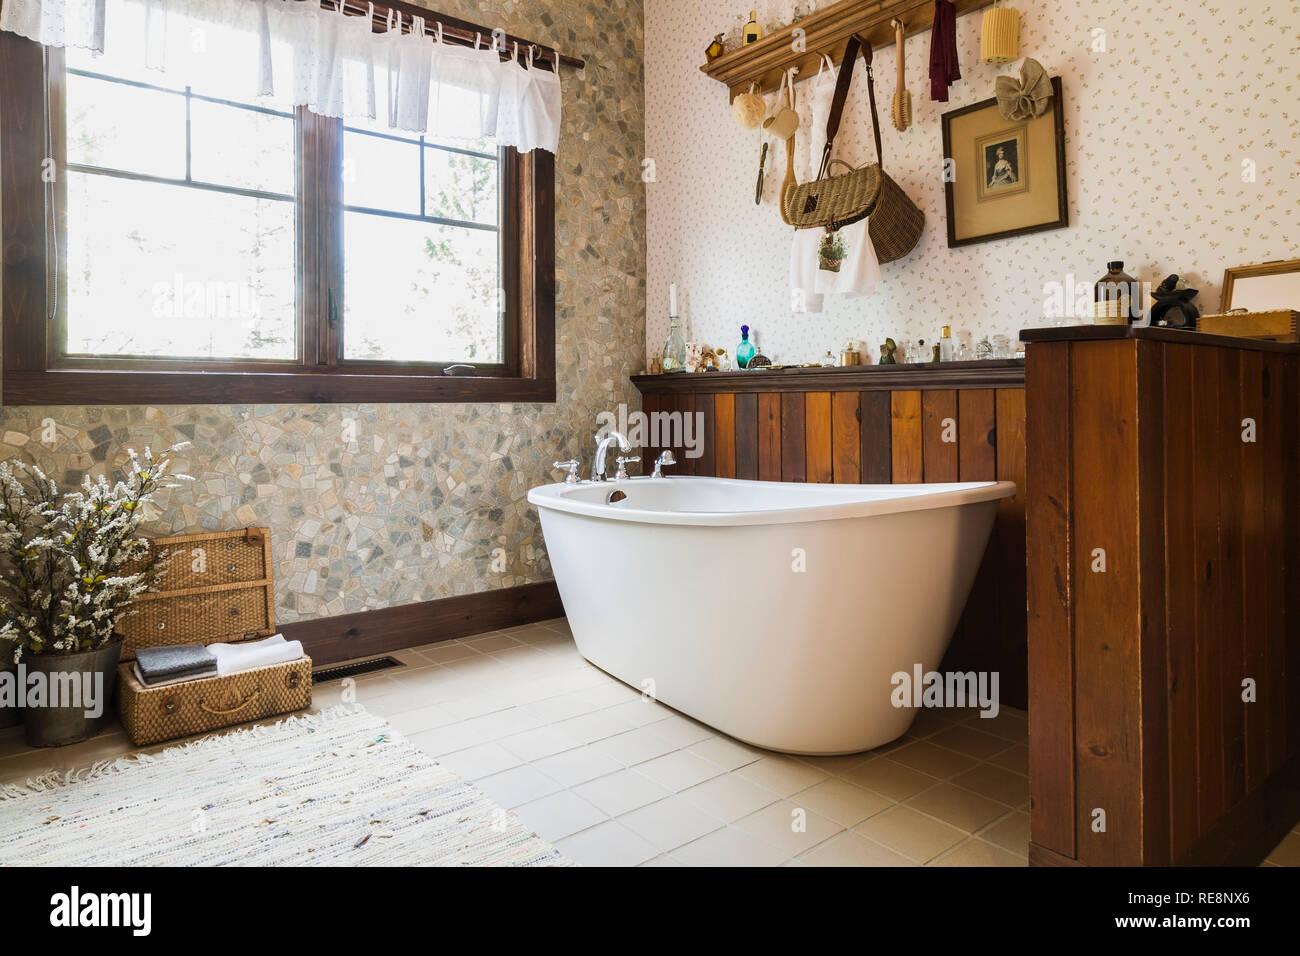 Una Vasca Da Bagno Traduzione In Francese : Vasca da bagno in francese bello tendenze bagno ecco gli